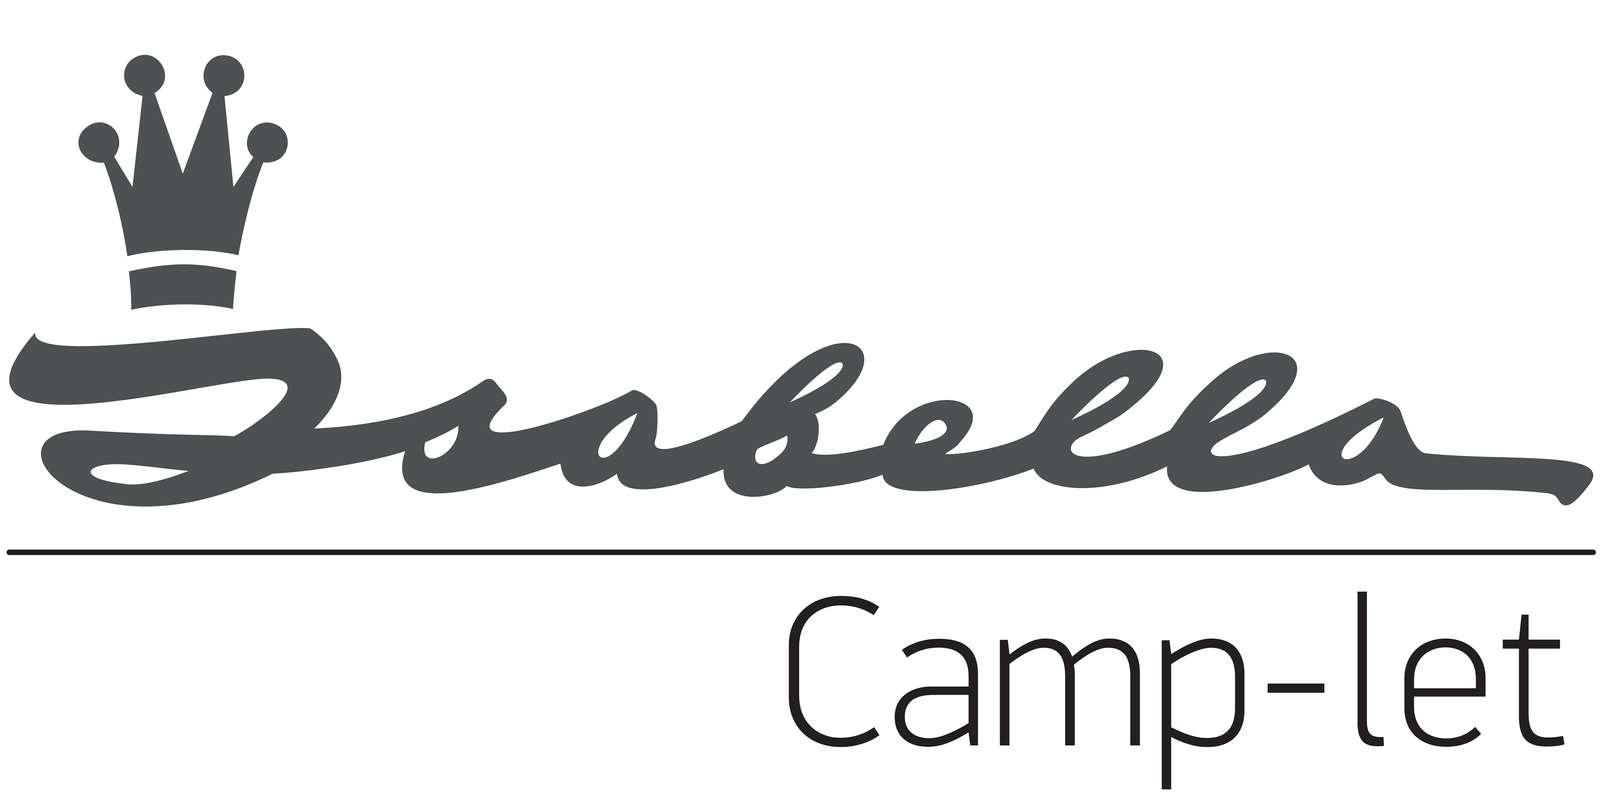 isabella_camp-let_logo.jpg